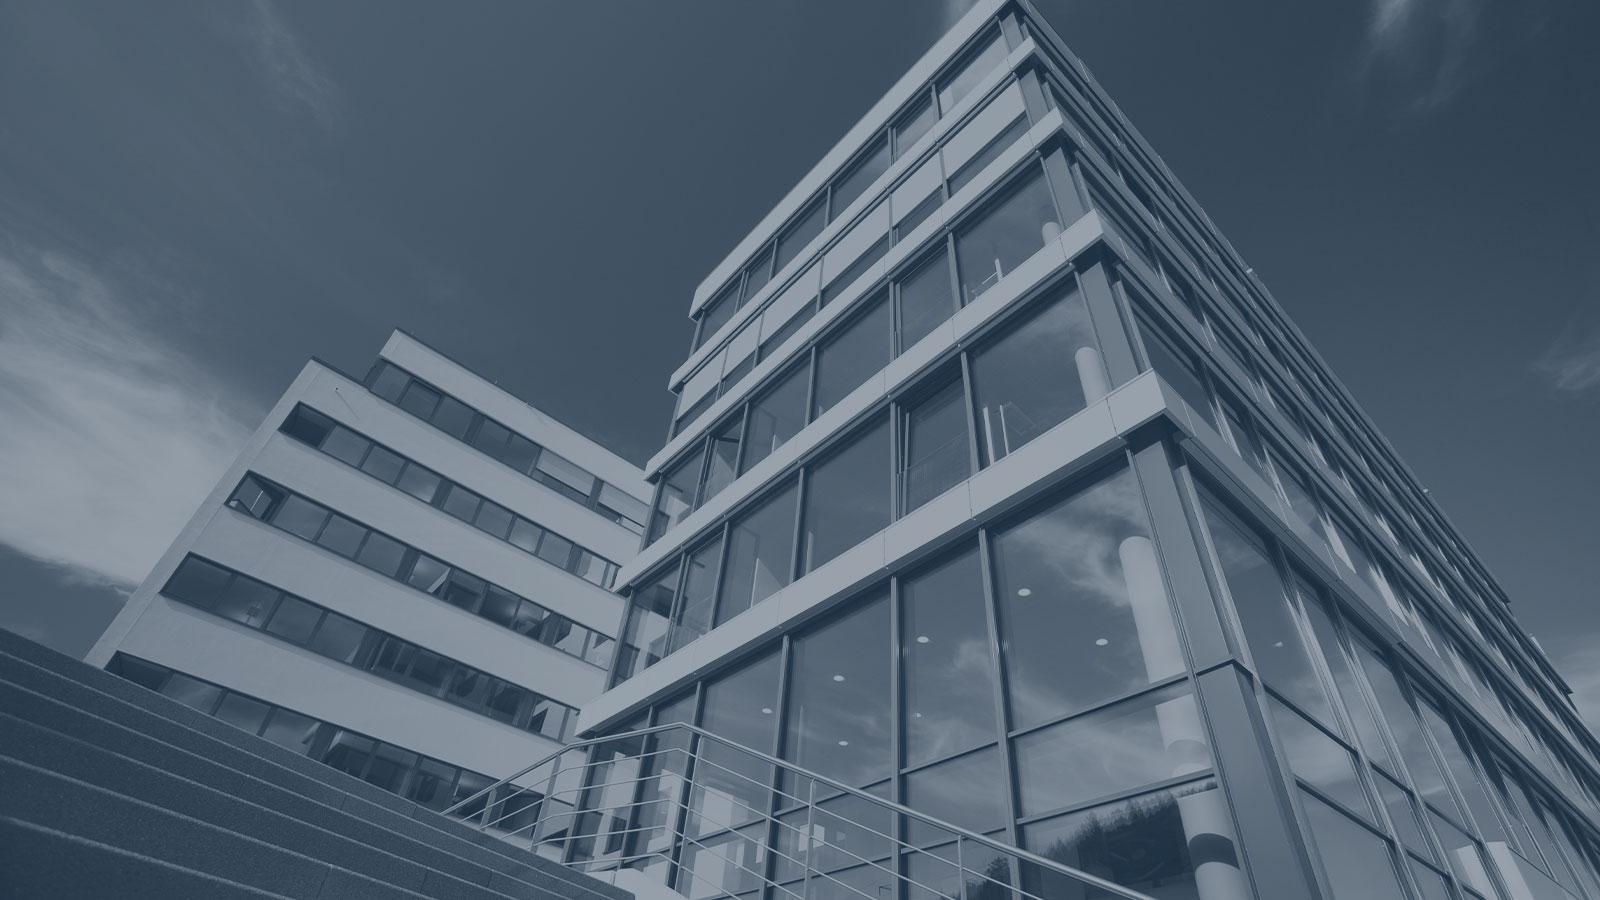 Architekturfotografie - Vom Feinsten